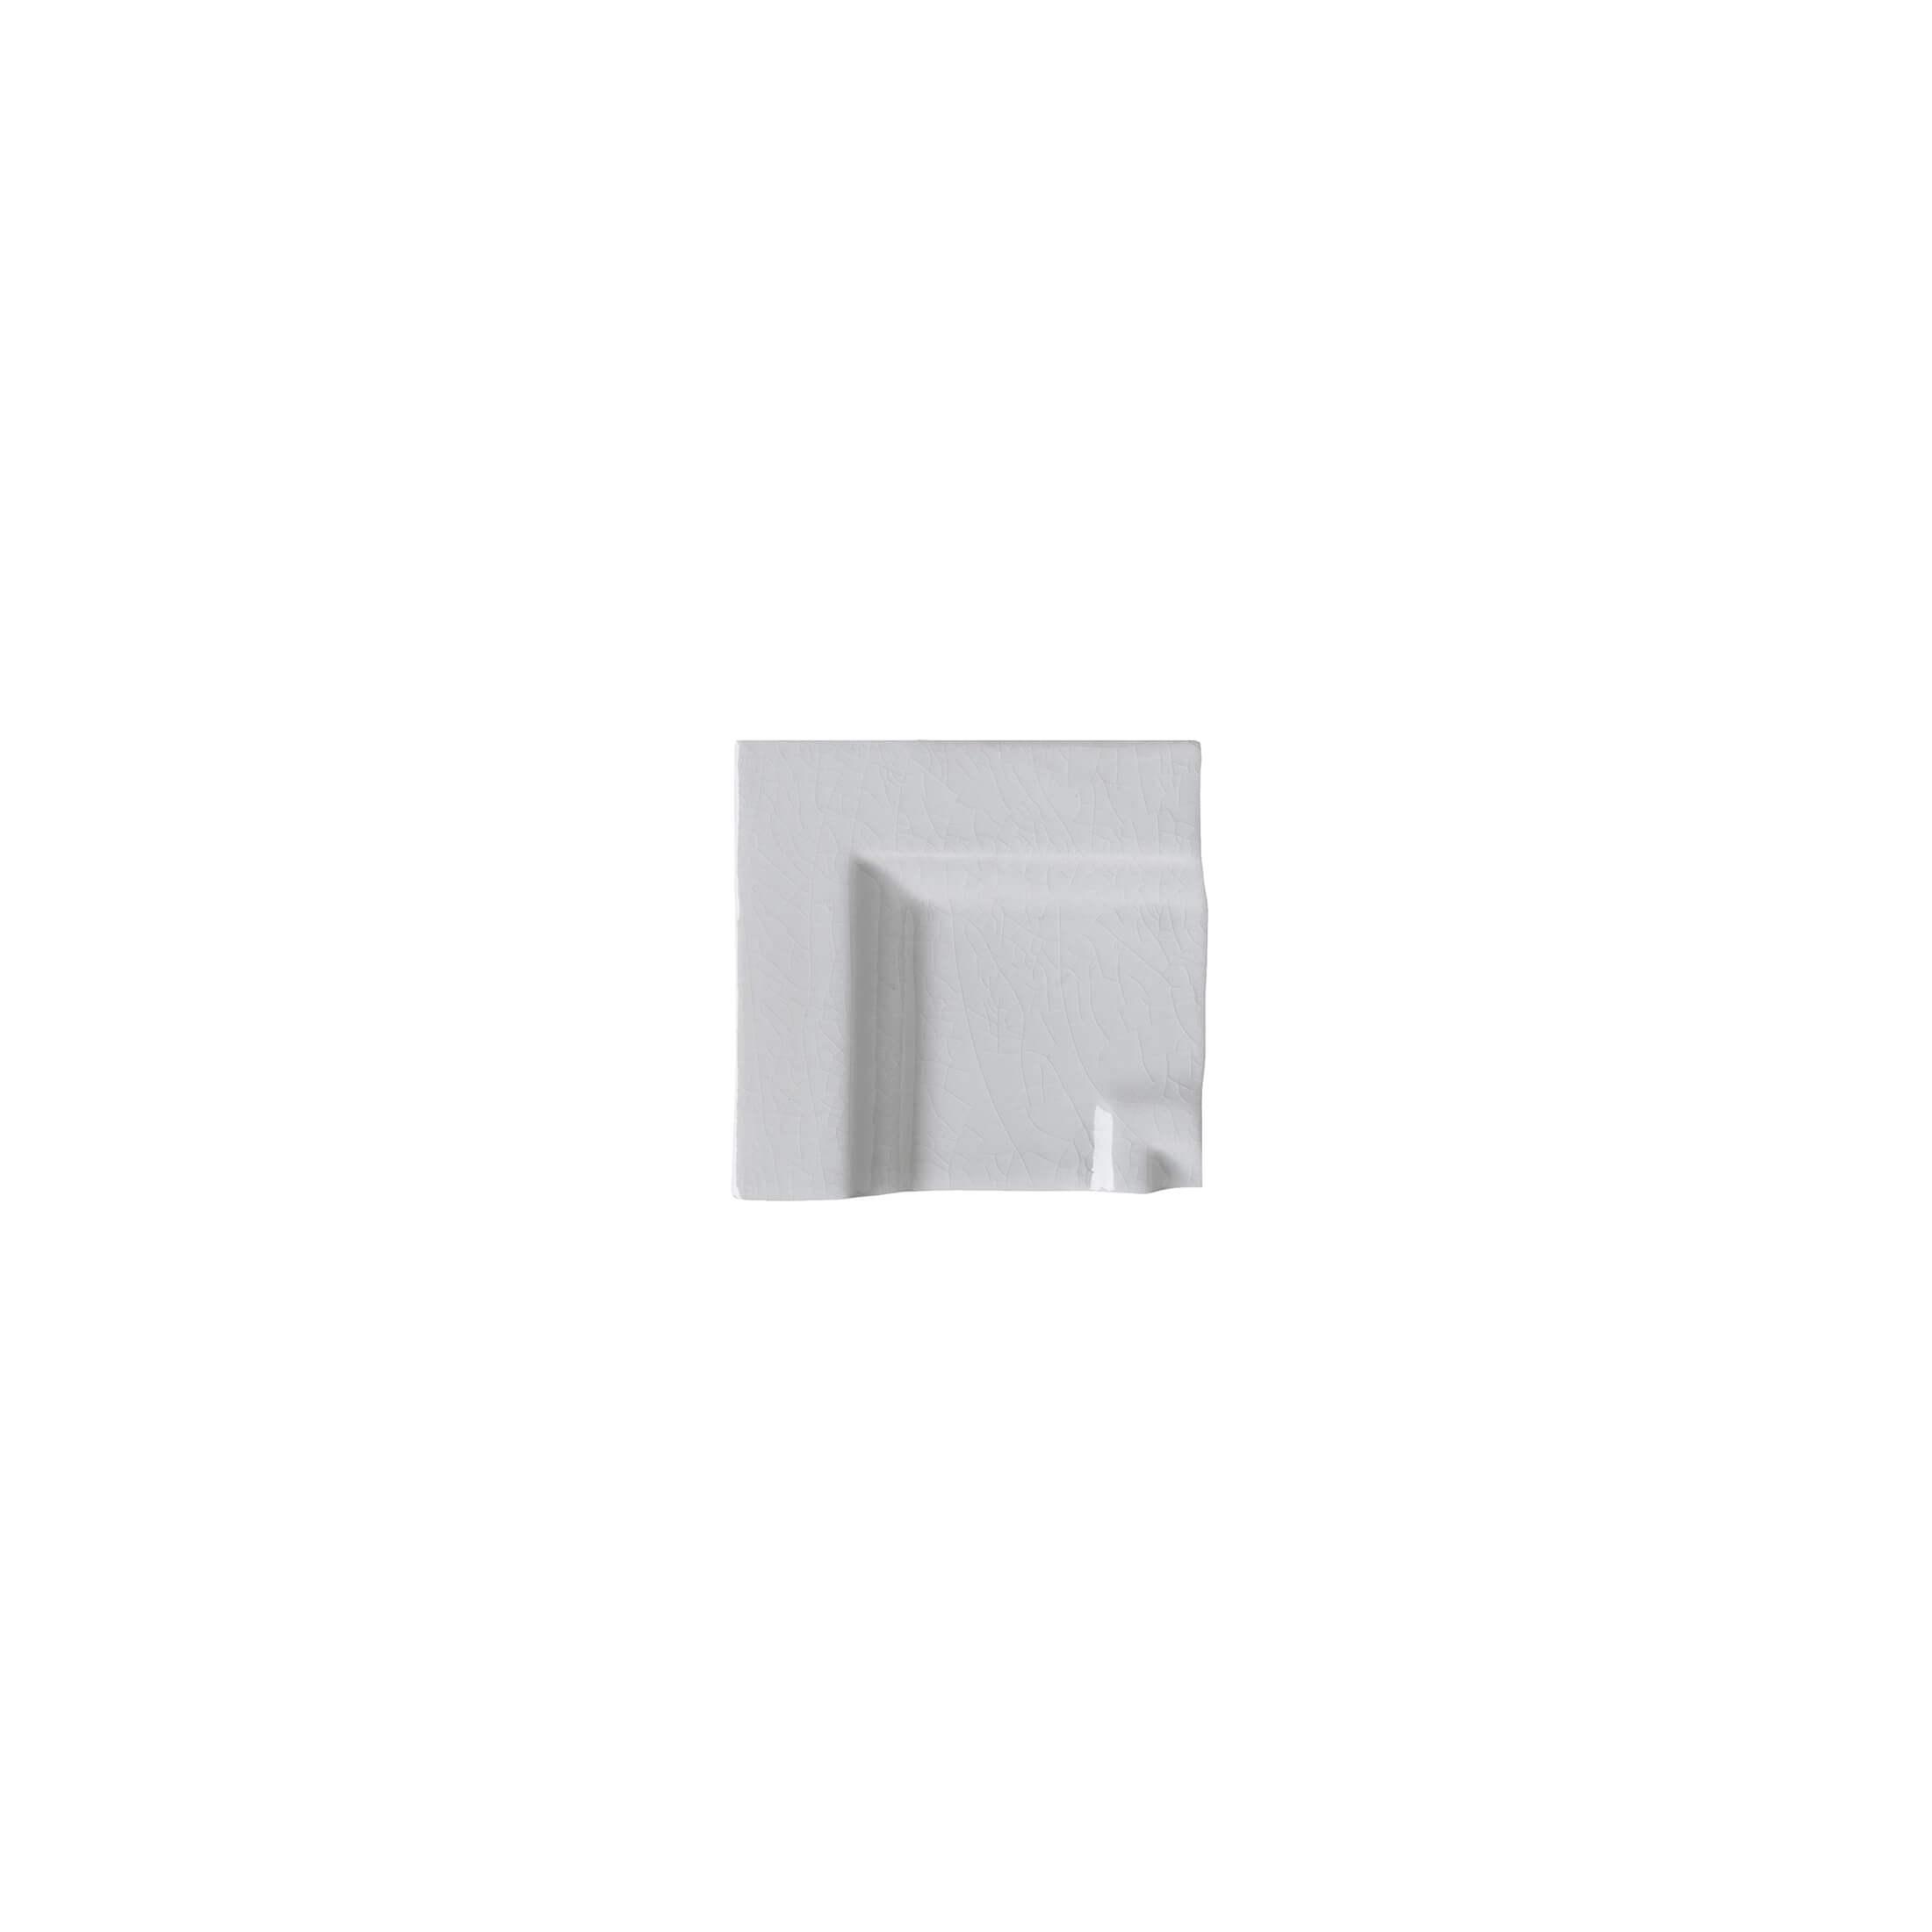 ADMO5467 - ANGULO MARCO CORNISA CLASICA C/C - 7.5 cm X 15 cm